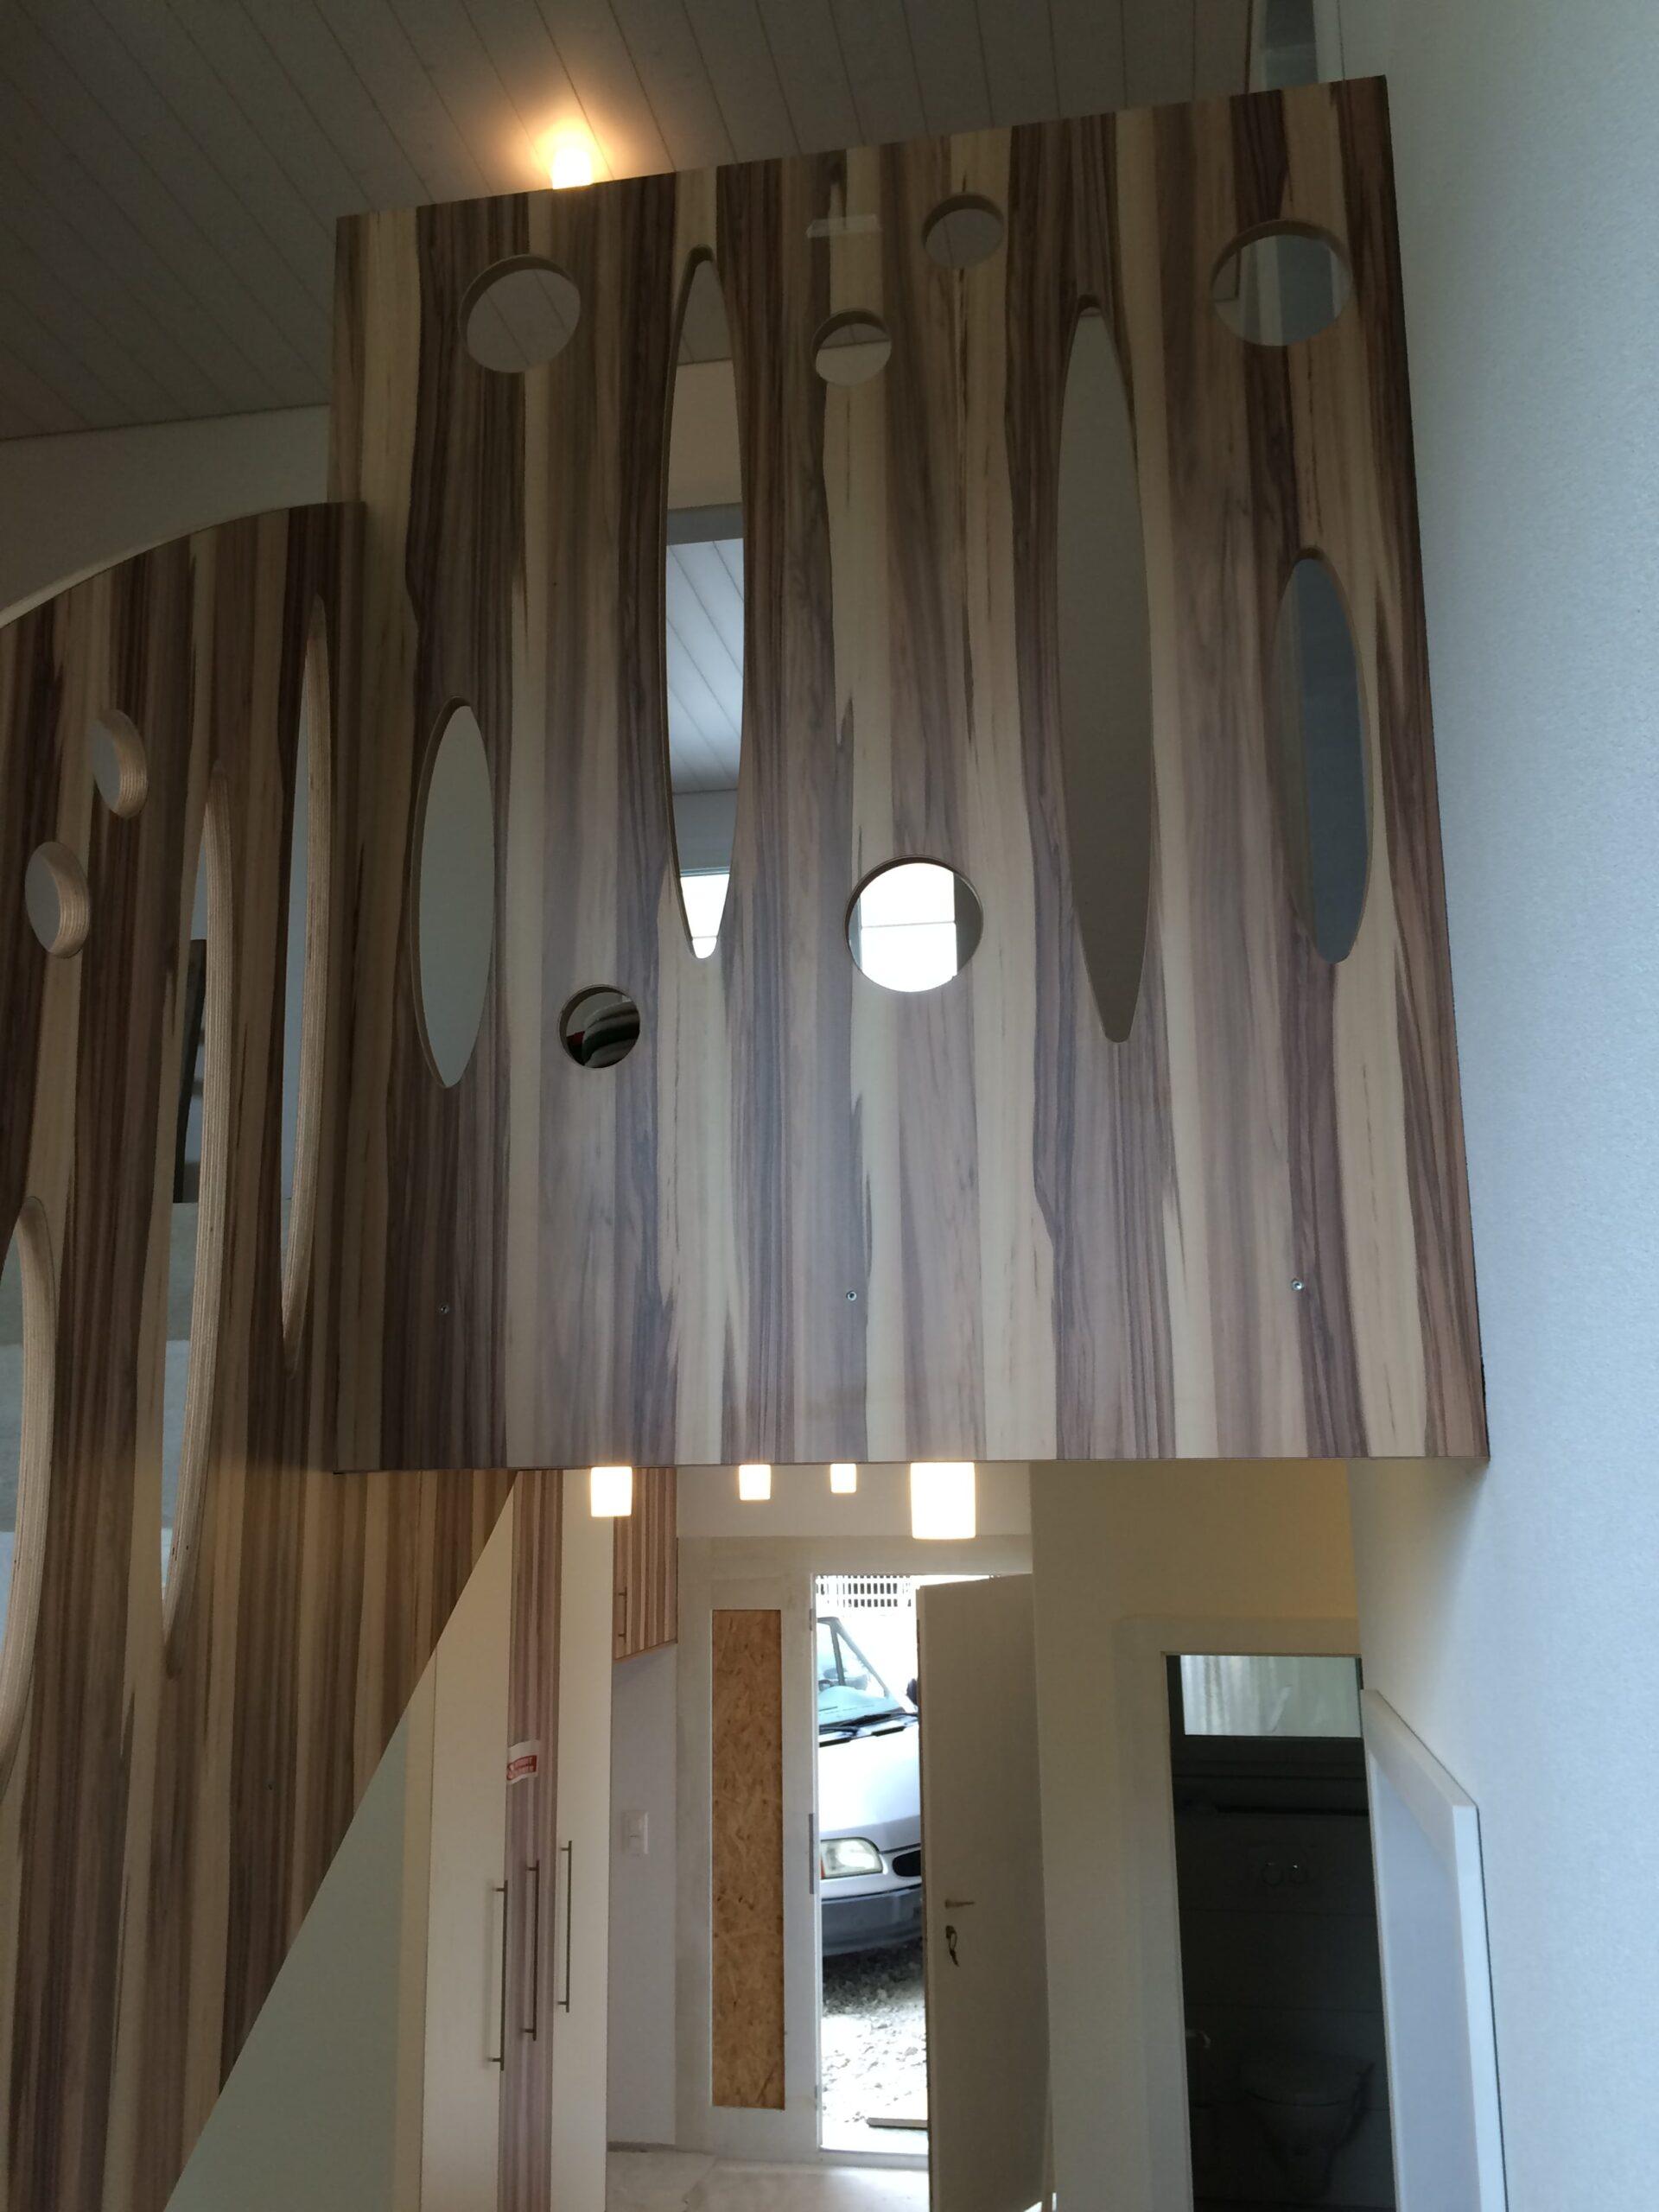 Wooddesign_Treppen_Teppengeländer__Treppenverkleidung_ovale runde Löcher (9)-min